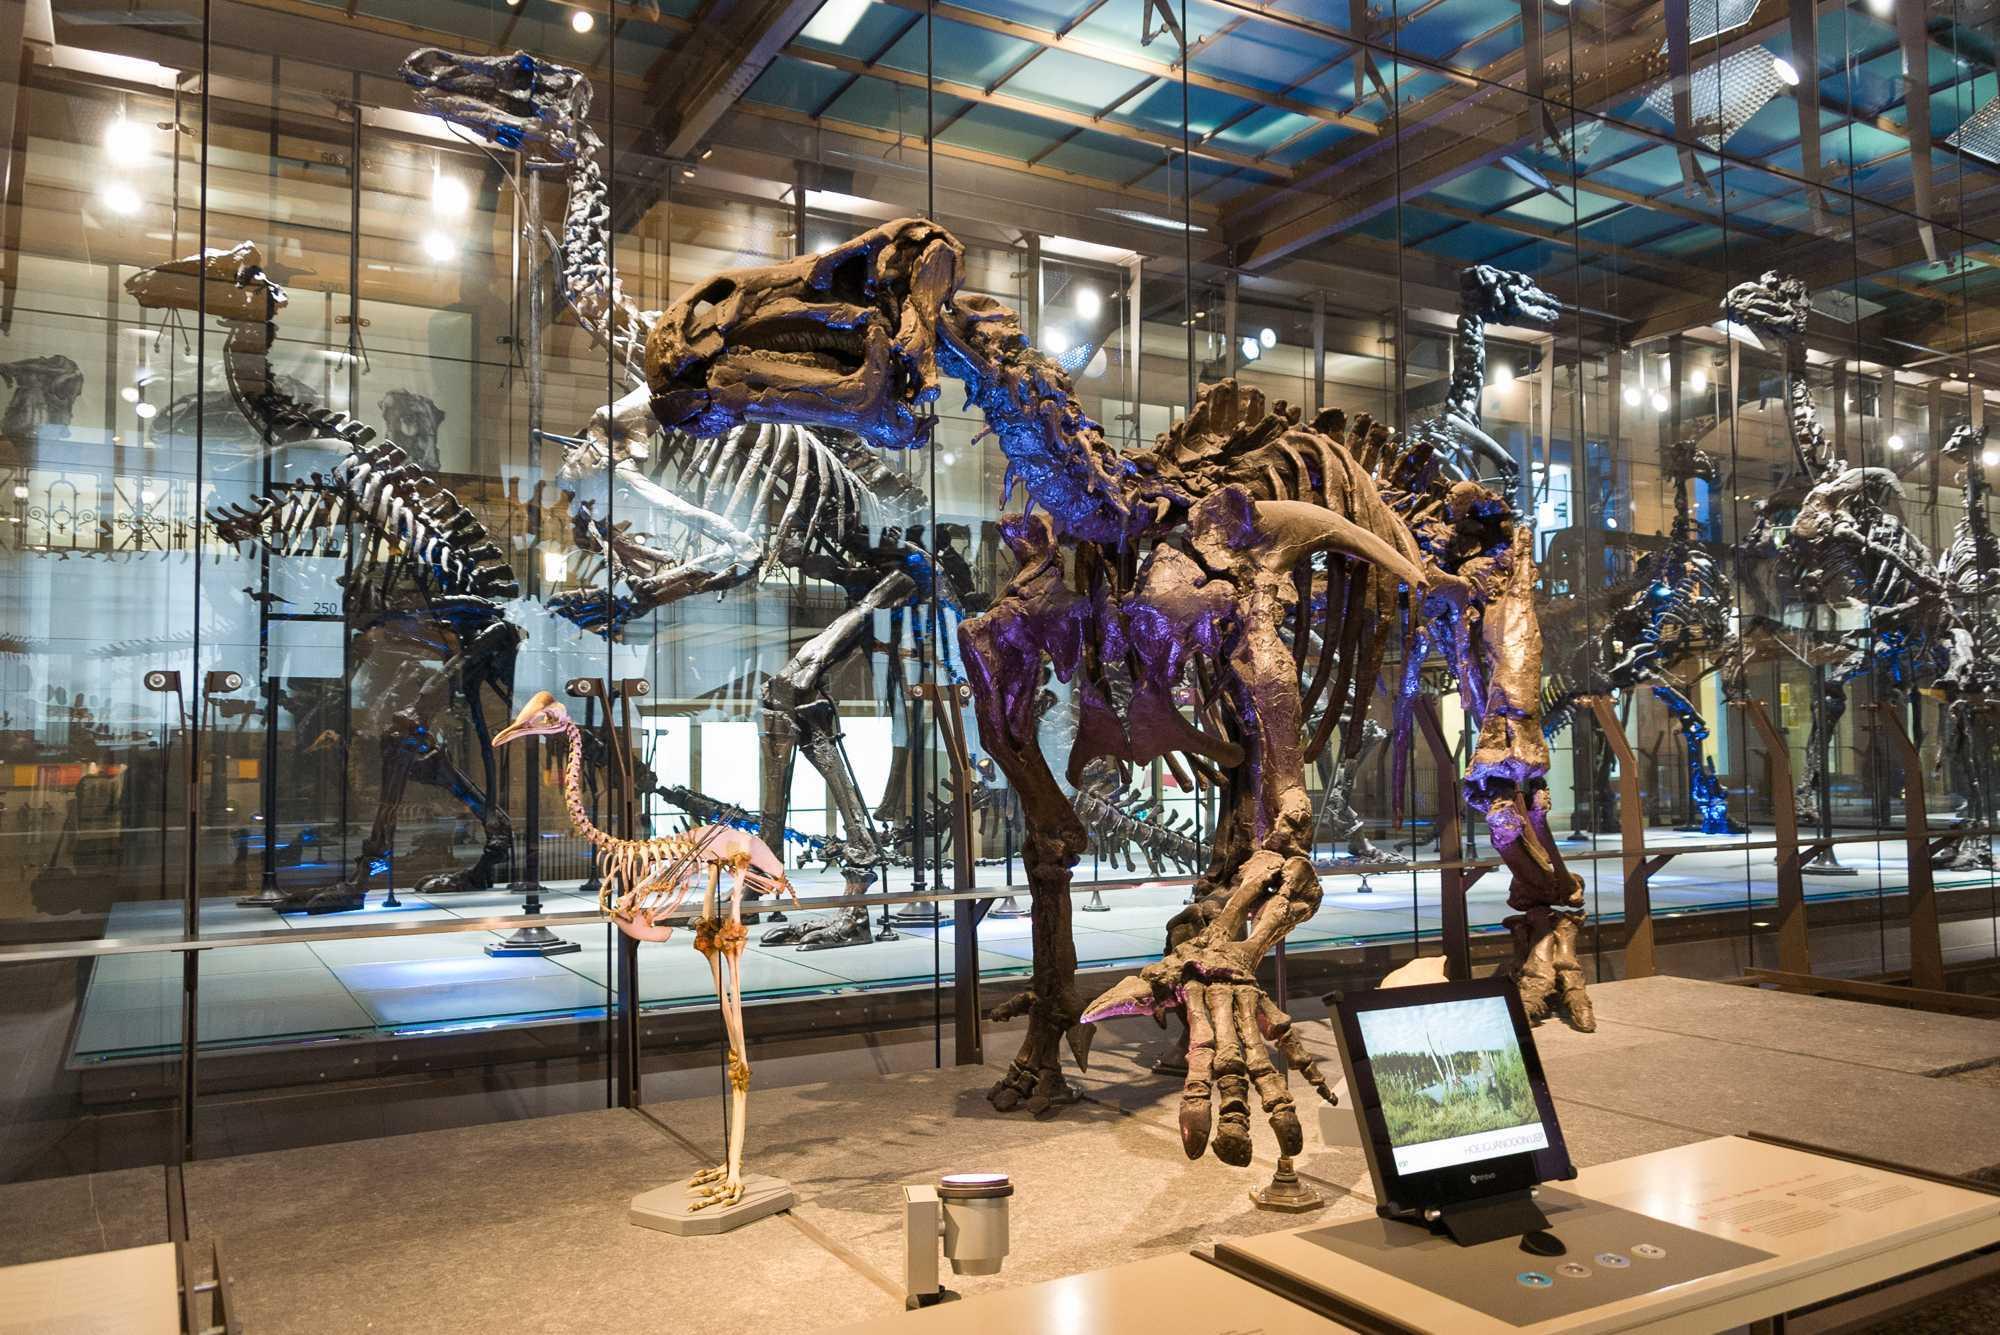 Een Iguanodon skelet in het museum